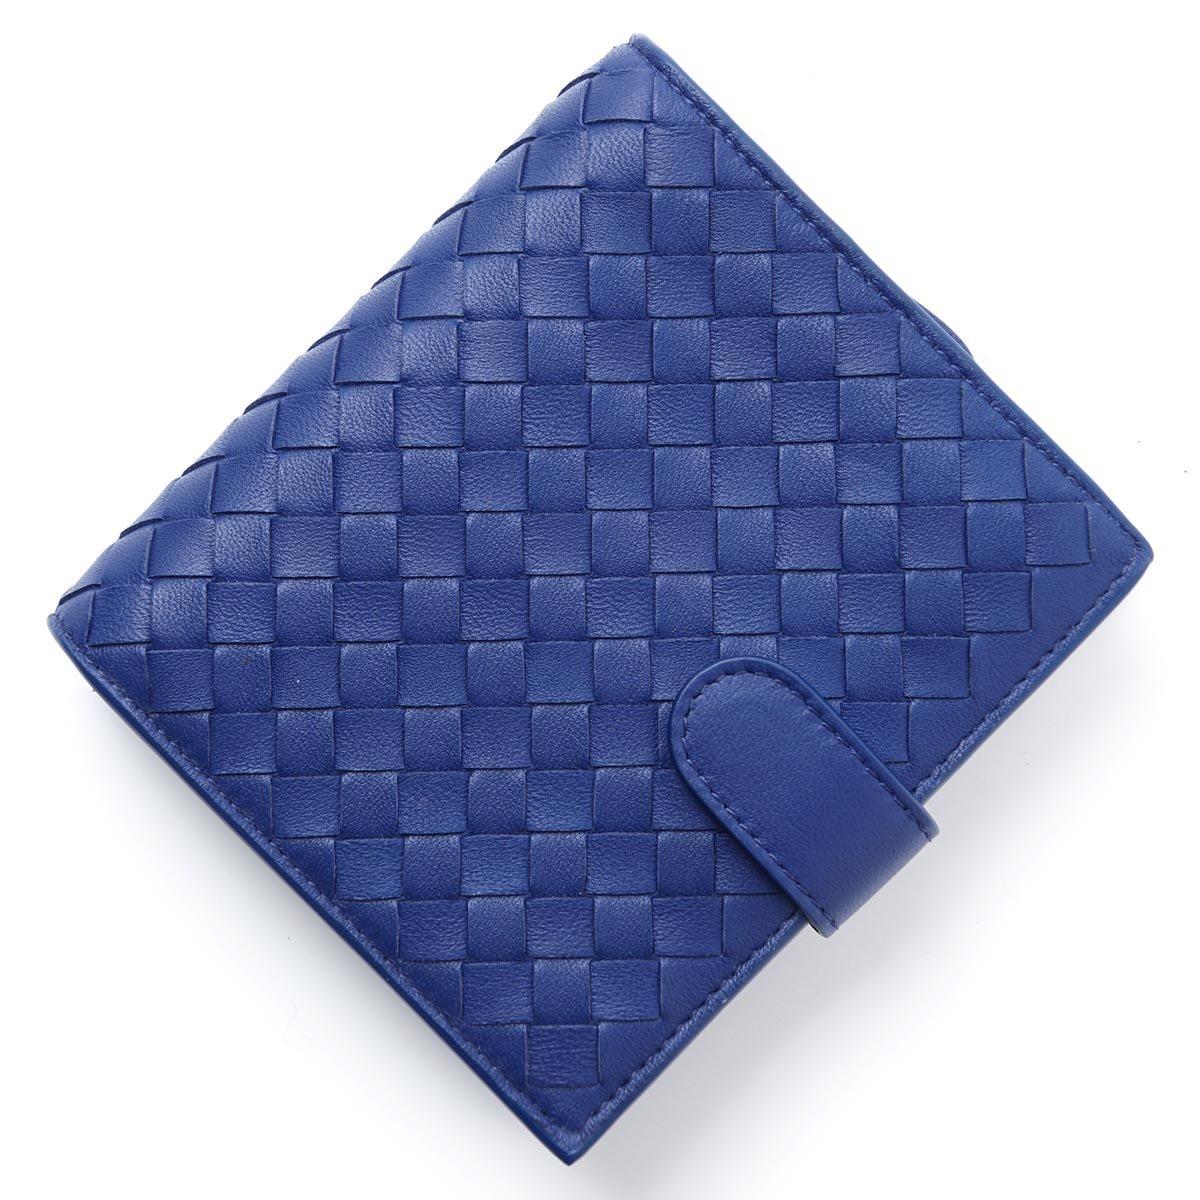 (ボッテガヴェネタ) BOTTEGA VENETA 2つ折り財布 小銭入れ付き/NAPPA [並行輸入品] B07BKYHQTT Free|Cobalt Cobalt Free